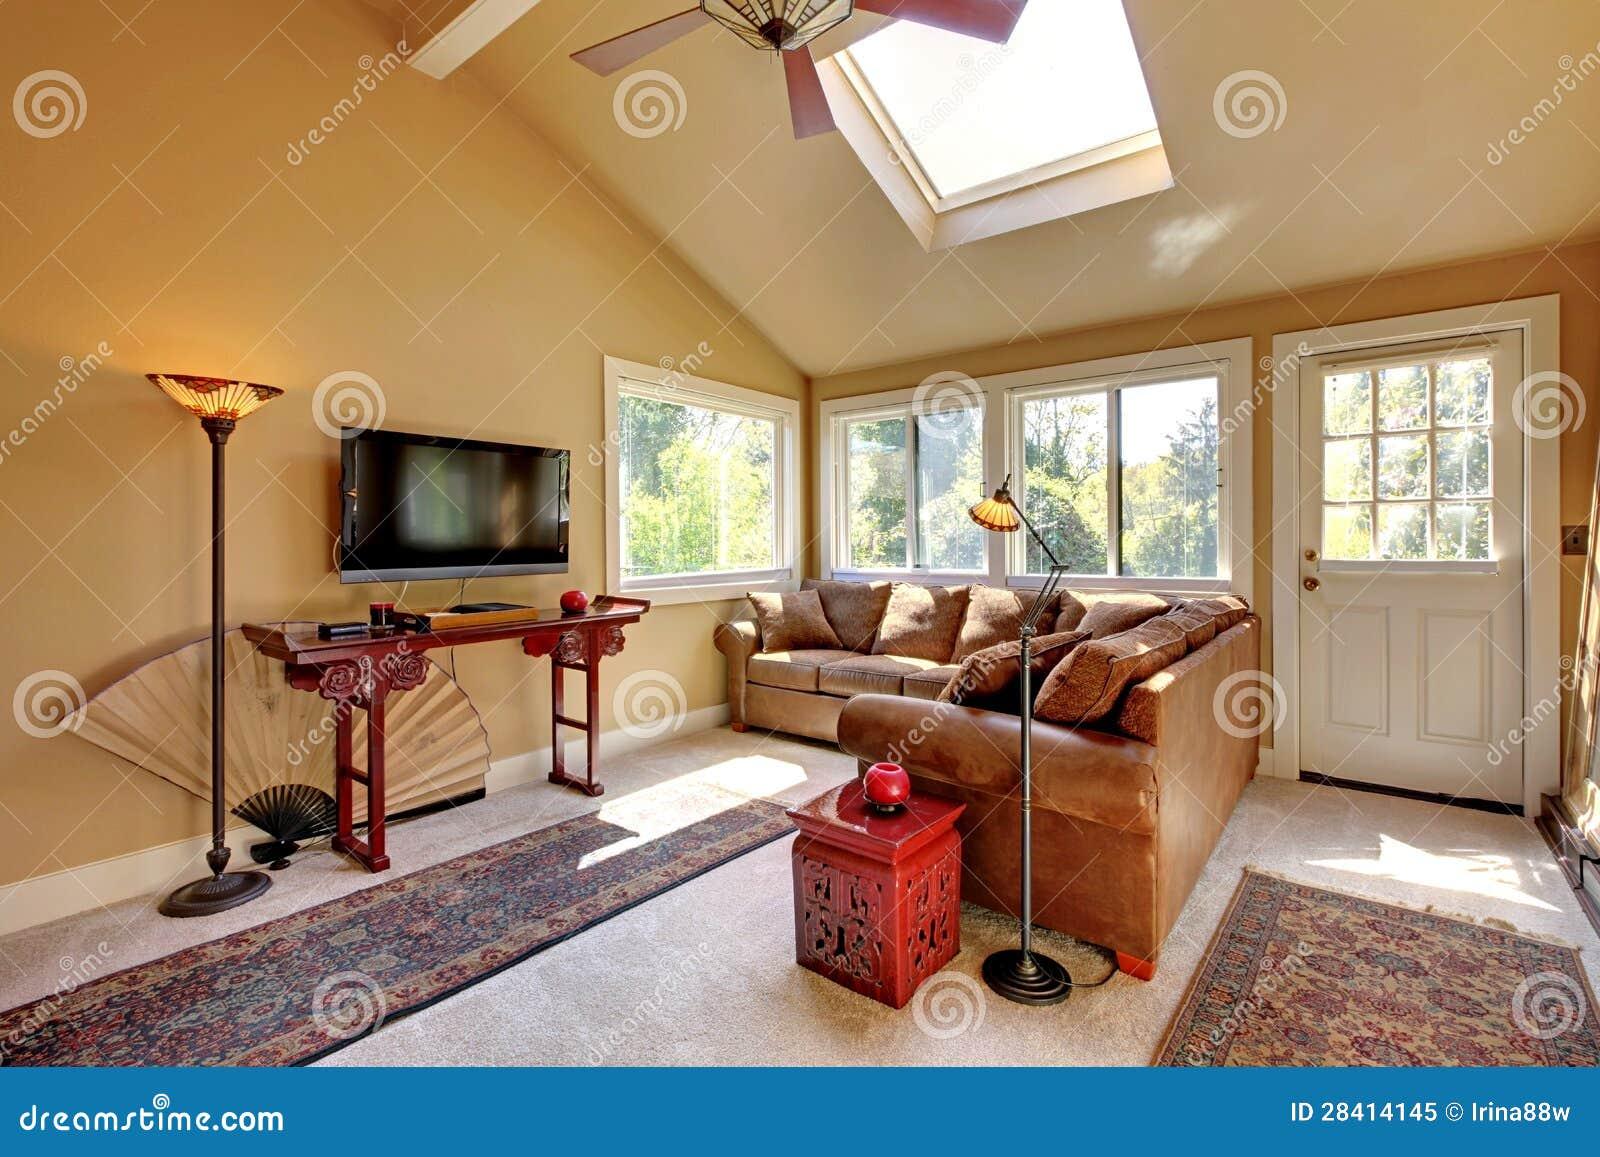 Sala De Estar Com Sofá Grande ~ Foto de archivo libre de regalías Sala de estar grande con el sofá